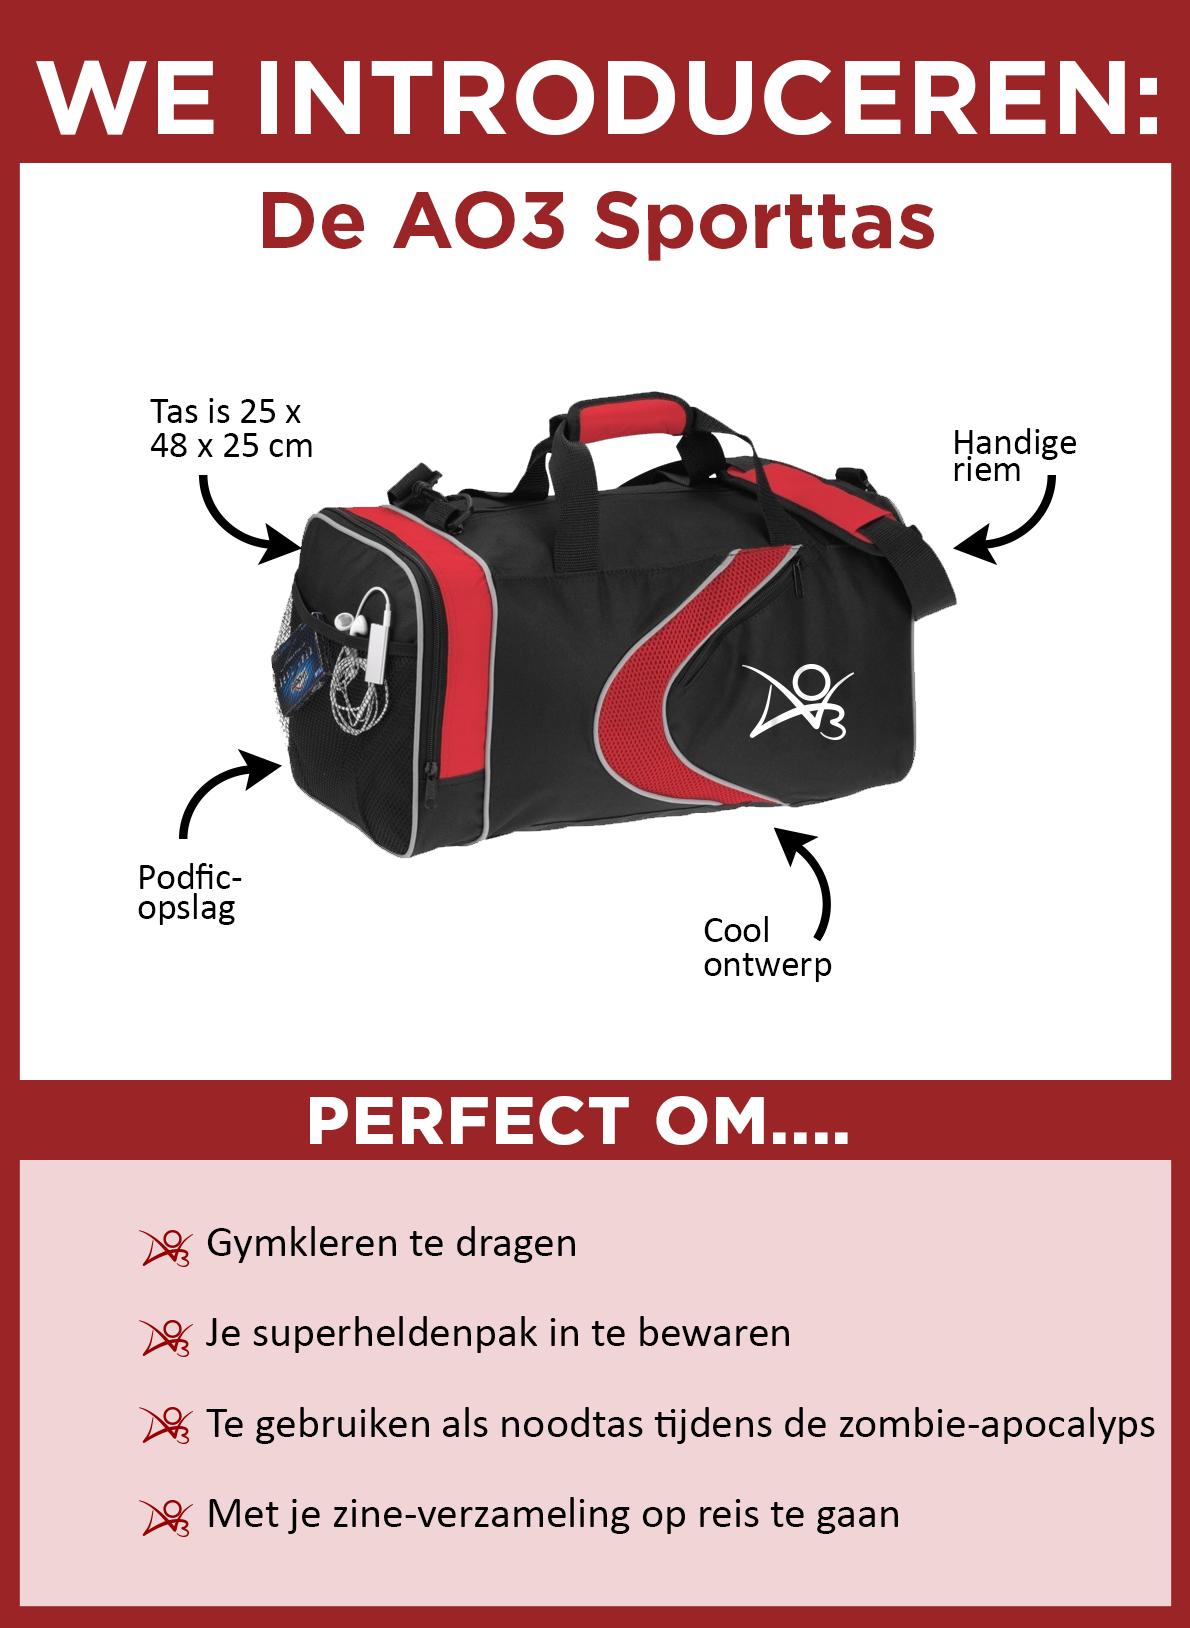 Nieuw: De AO3-sporttas. De tas is zwart met rode accenten, met een rode veeg en een wit AO3-logo op de zijkant. De tas is 25 x 48 x 25 centimeter groot en is voorzien van een handige schouderband en heeft een zijvakje dat ideaal is om je podfic in op te slaan. De tas is perfect voor het dragen van gymkleren, om je superheldenkostuum in te verstoppen, om als vluchttas voor de zombie-apocalyps te gebruiken of om met je zineverzameling op reis te gaan.